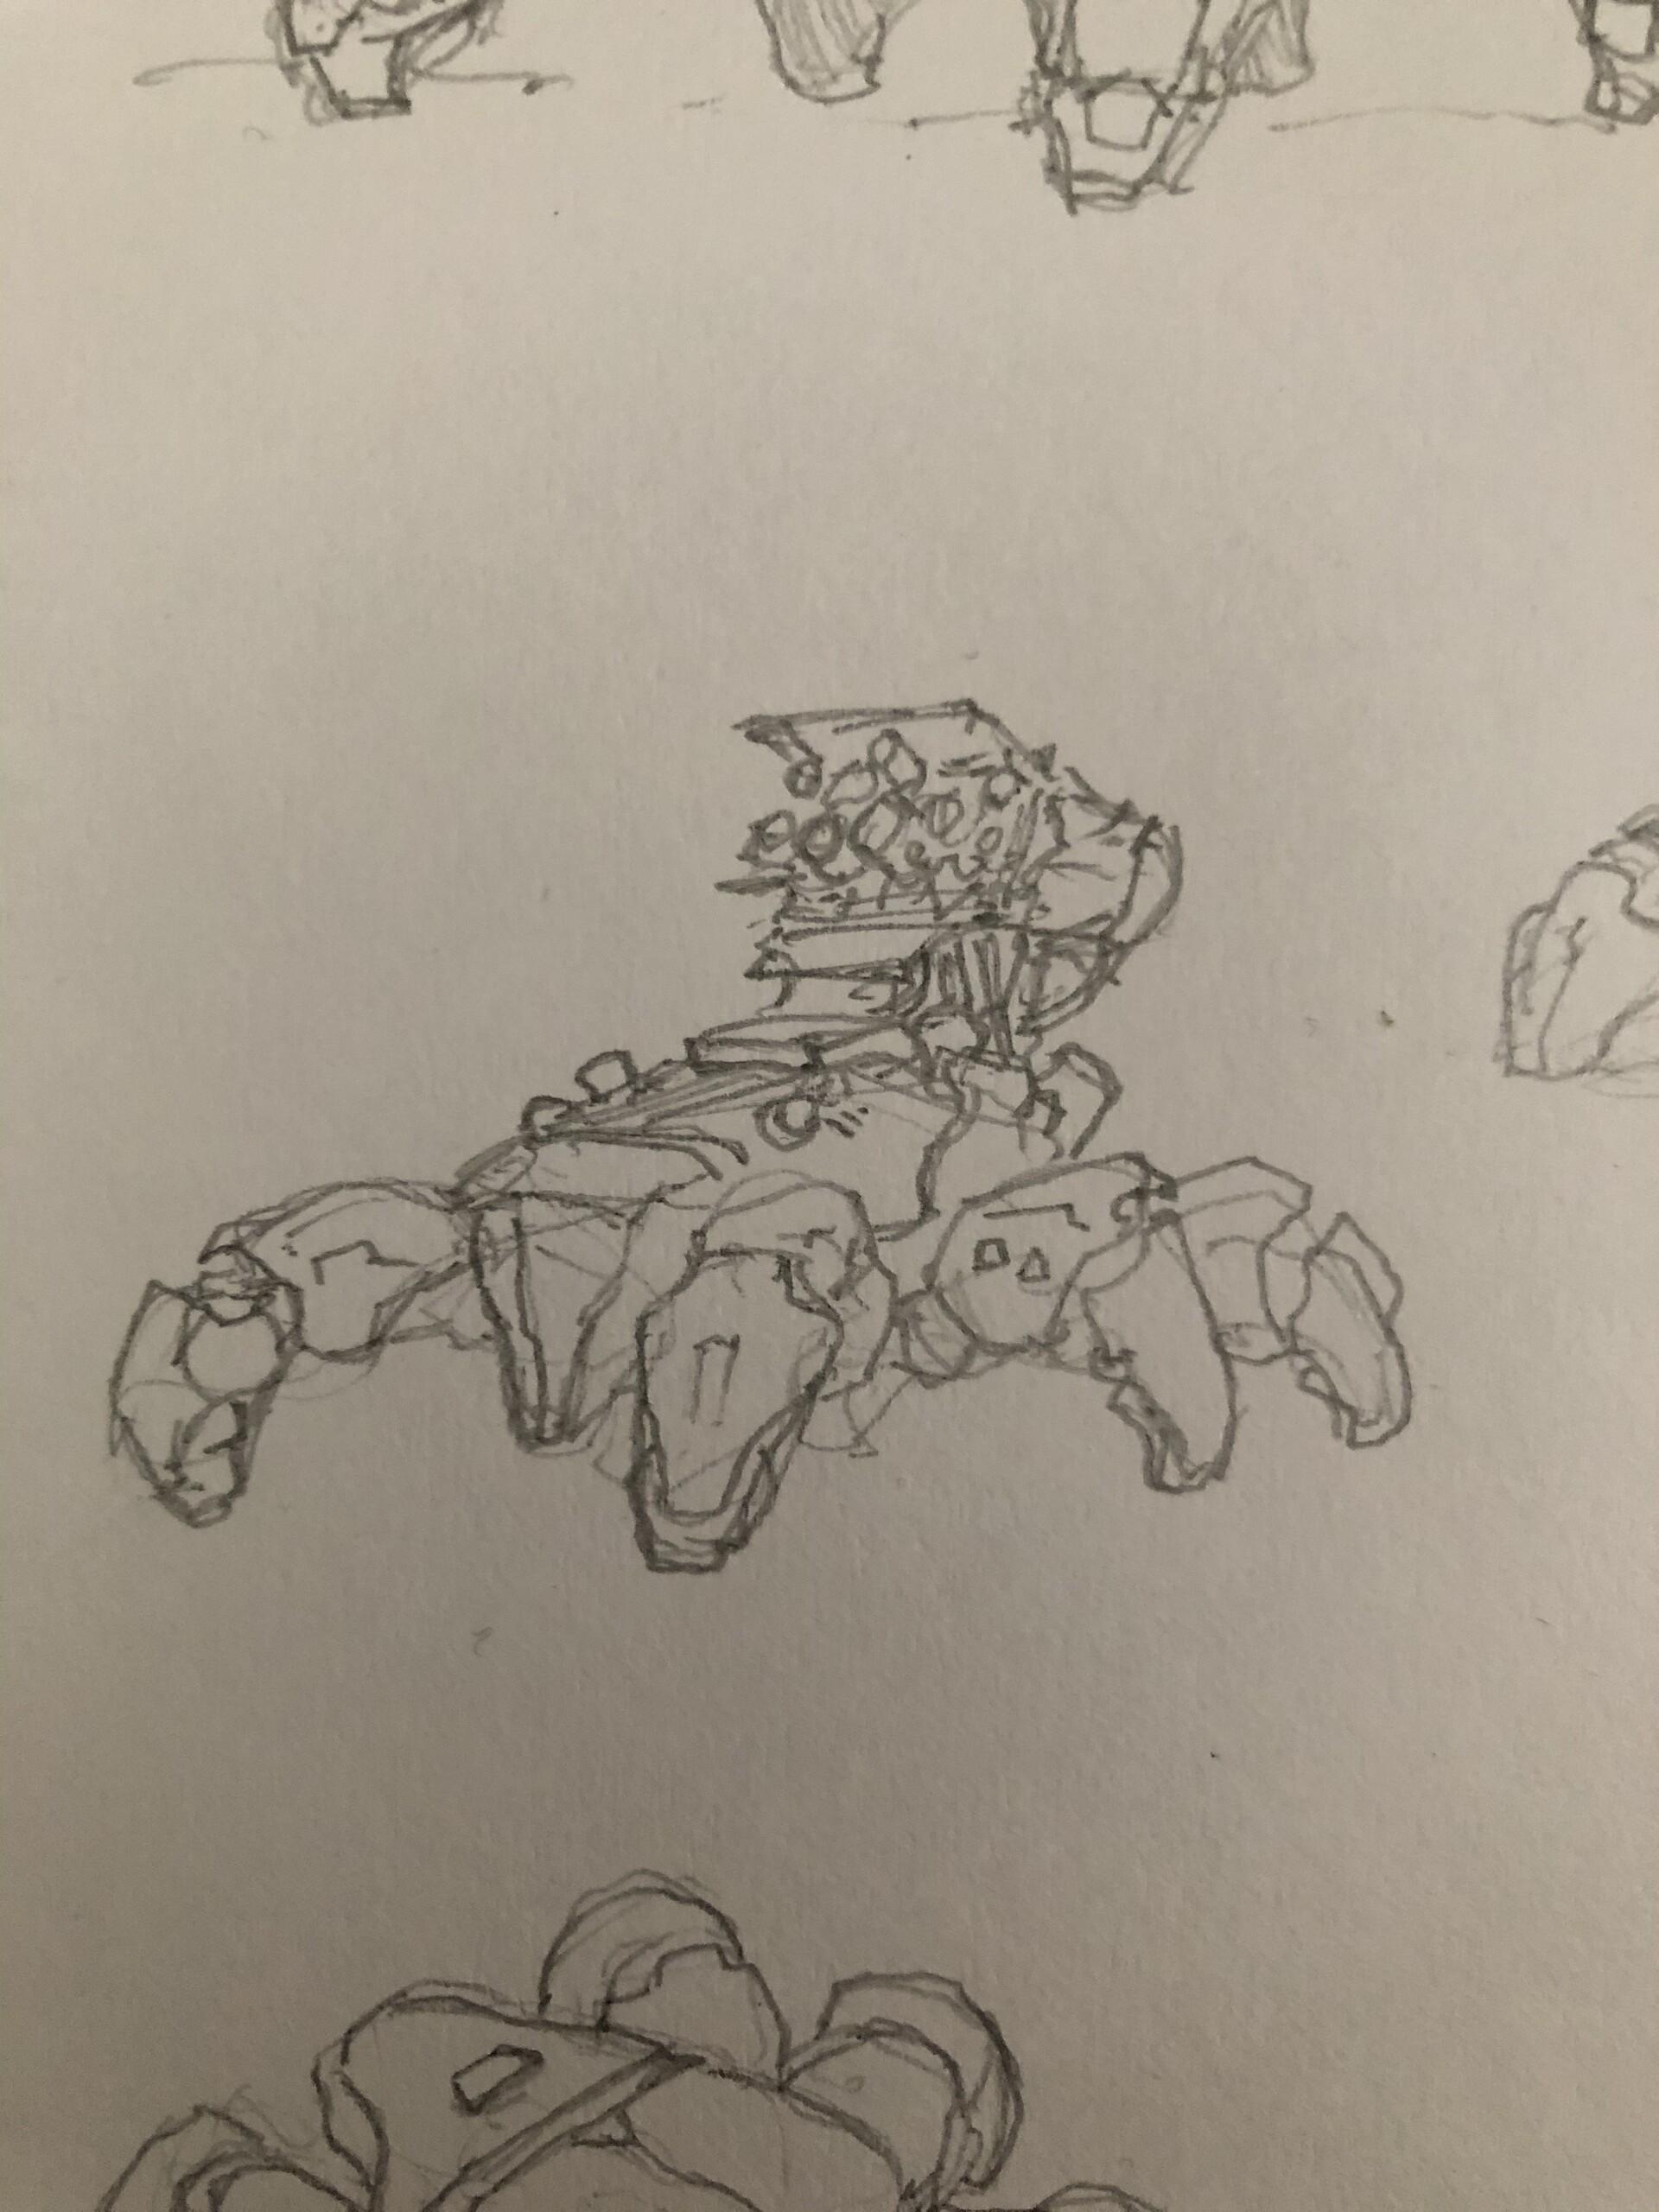 Sketchy idea